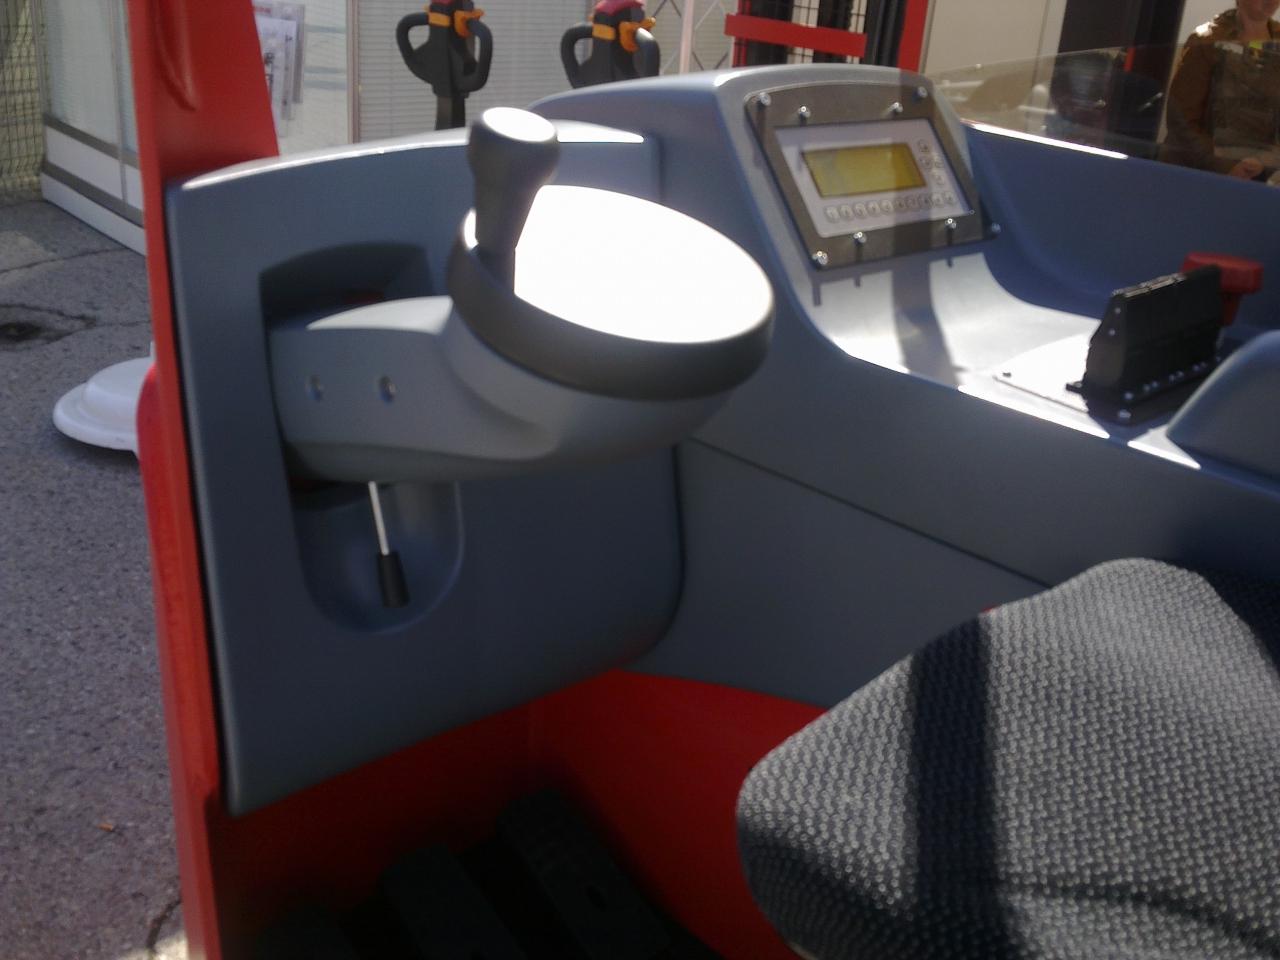 Rech-truck VENI - VRT - post de coonducere modern